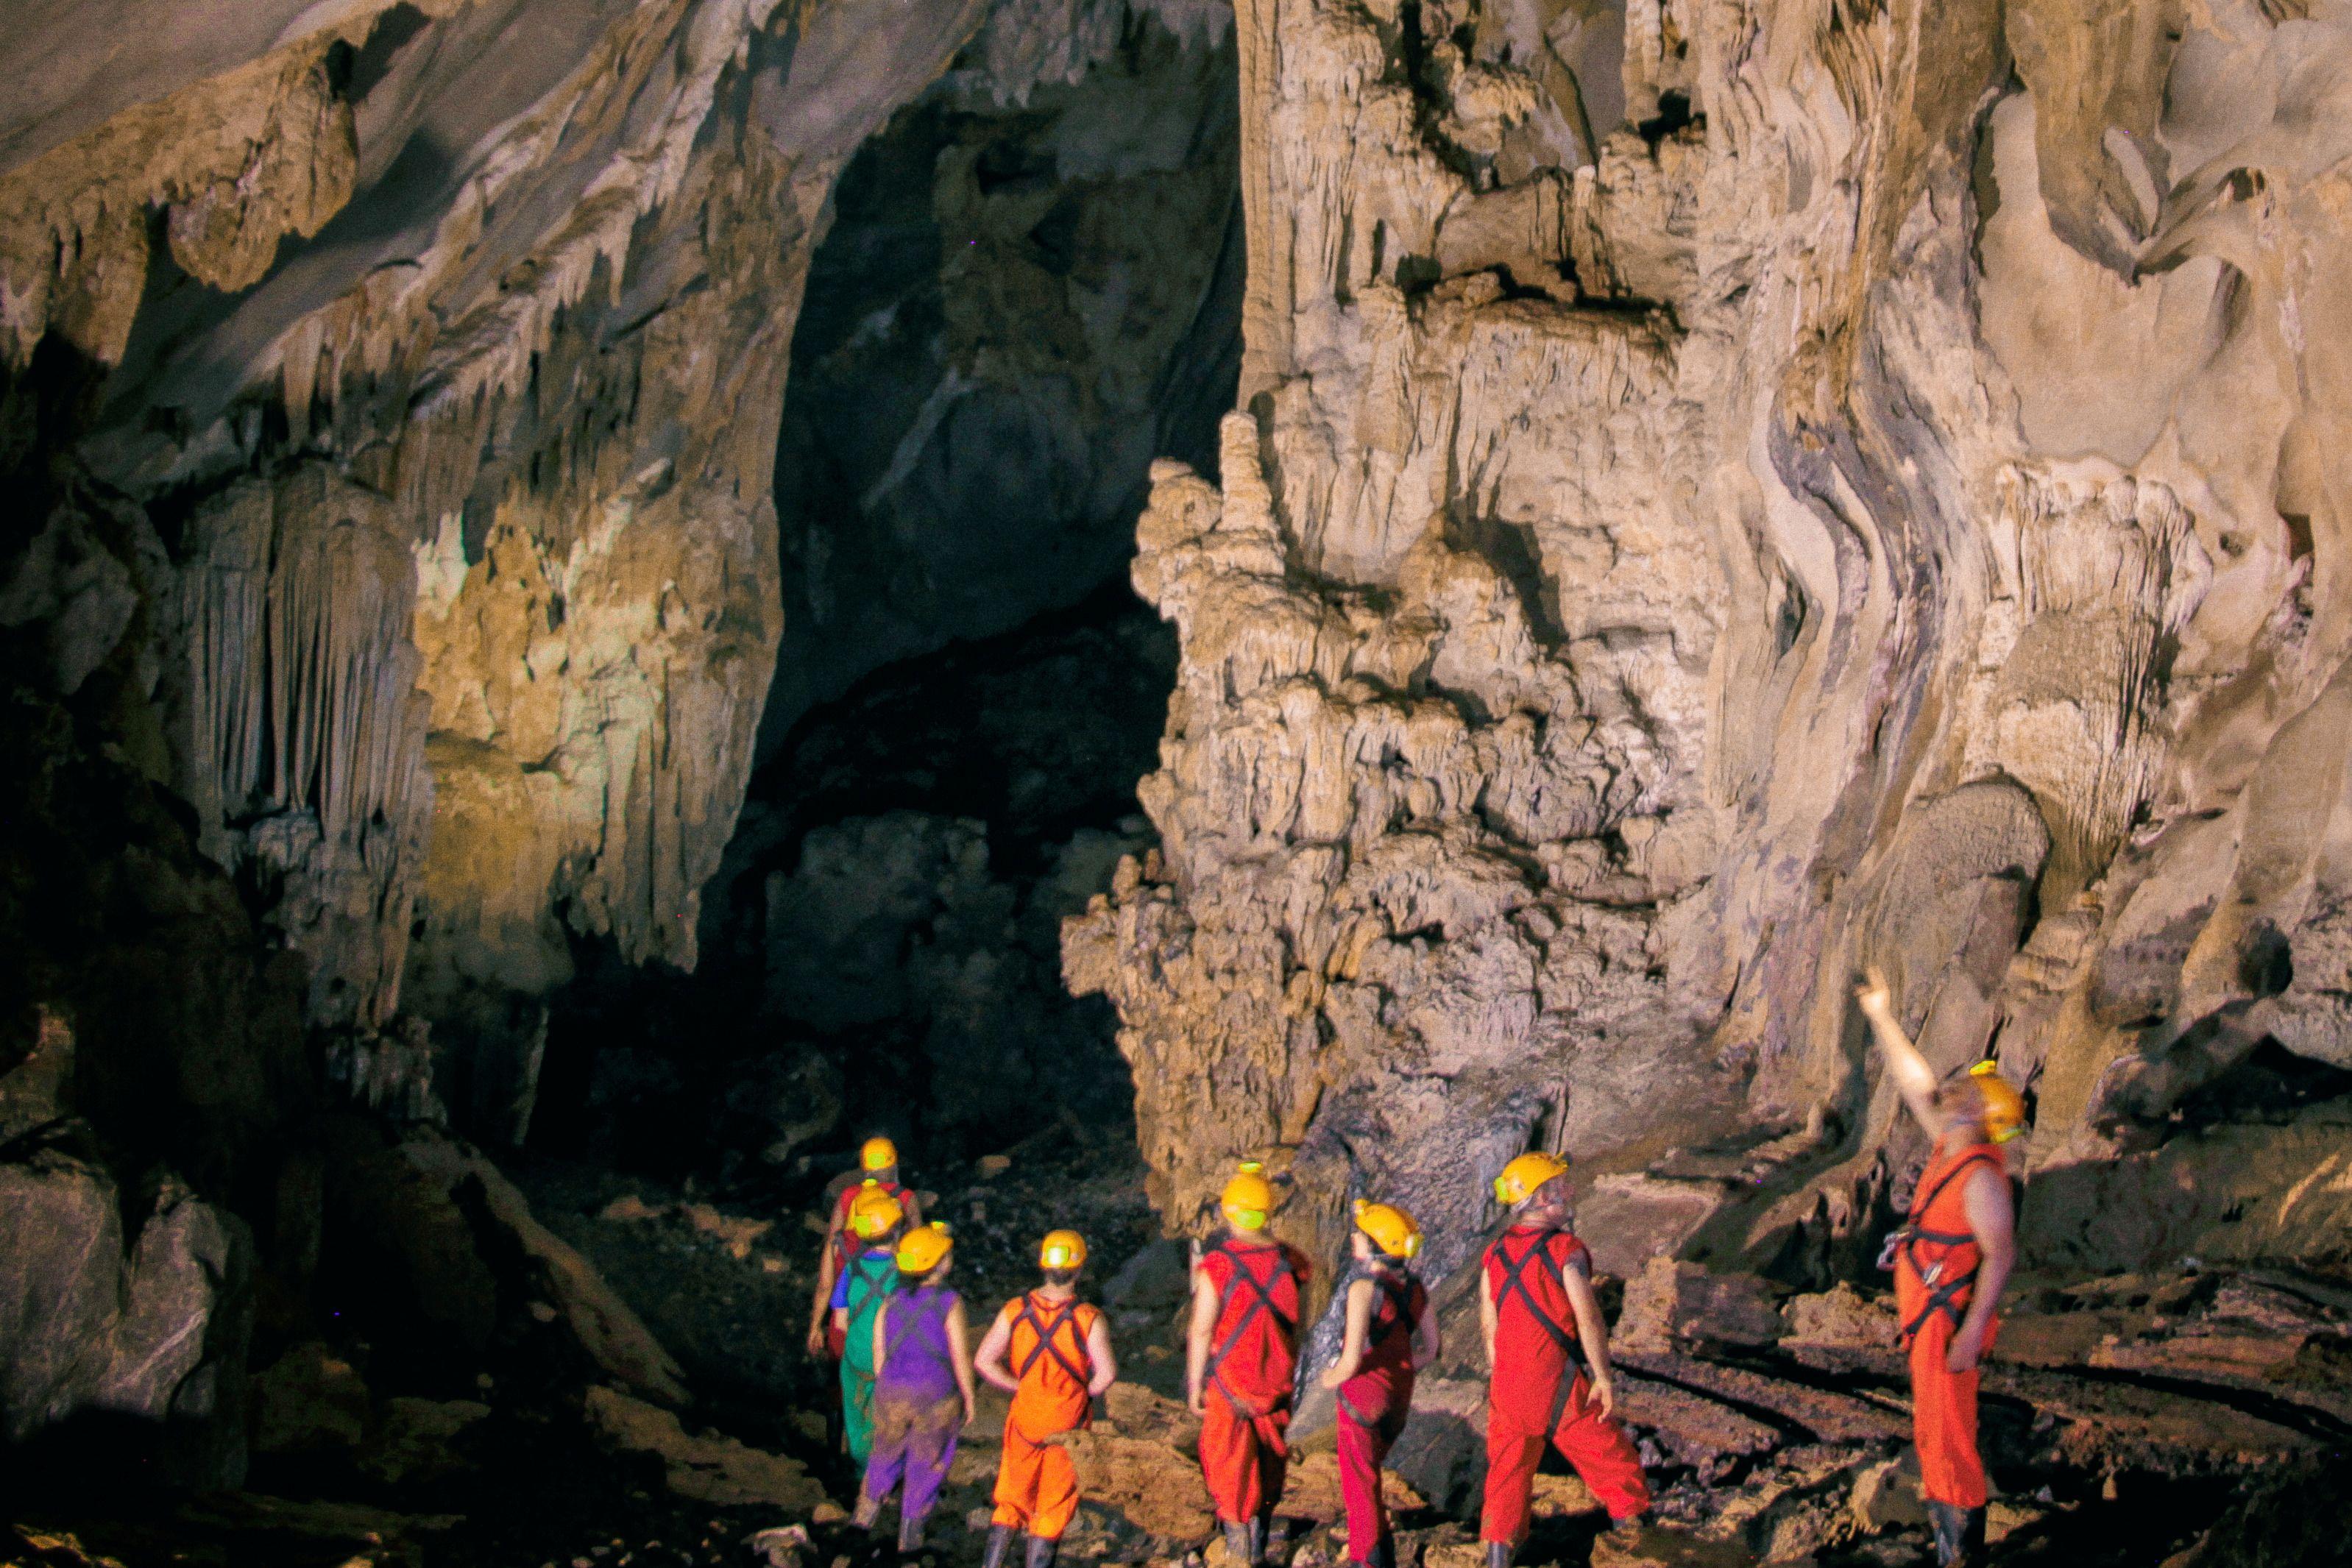 Cueva Fun Fun Full Day Adventure Combo